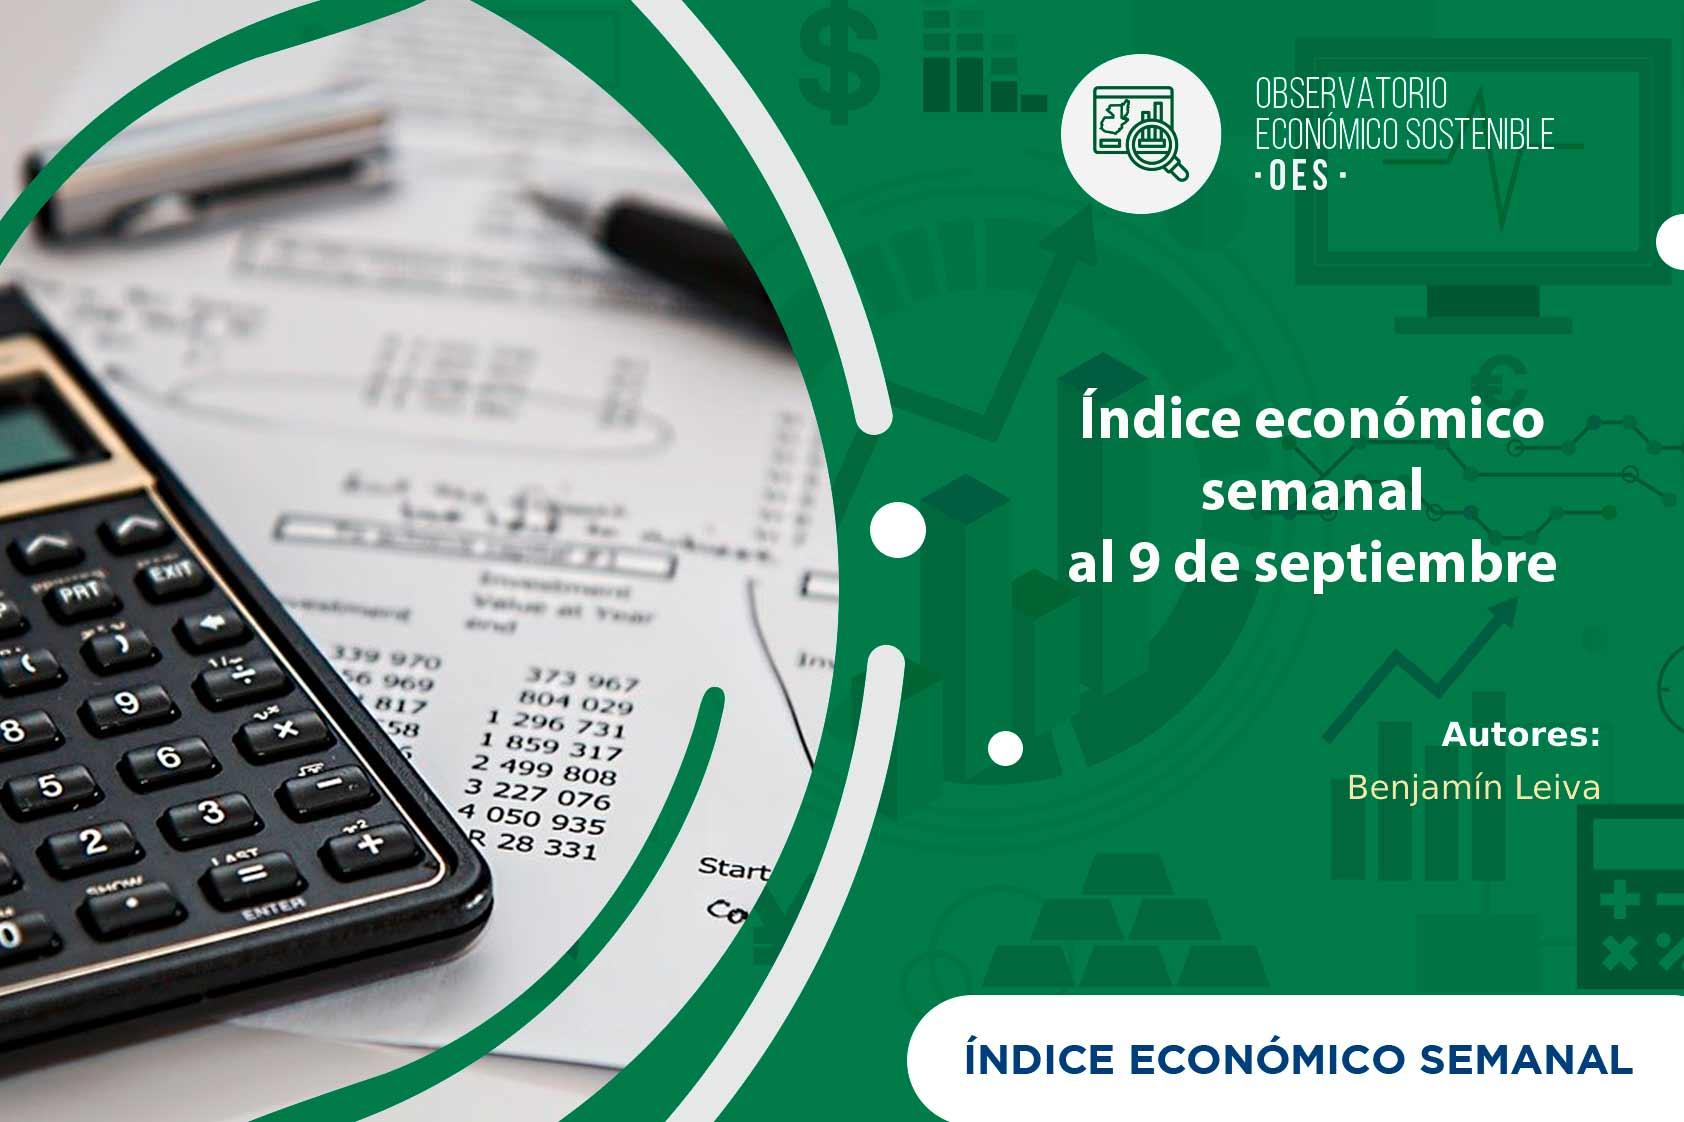 IES desciende 1% a causa de las bajas exportaciones para el 9 de septiembre